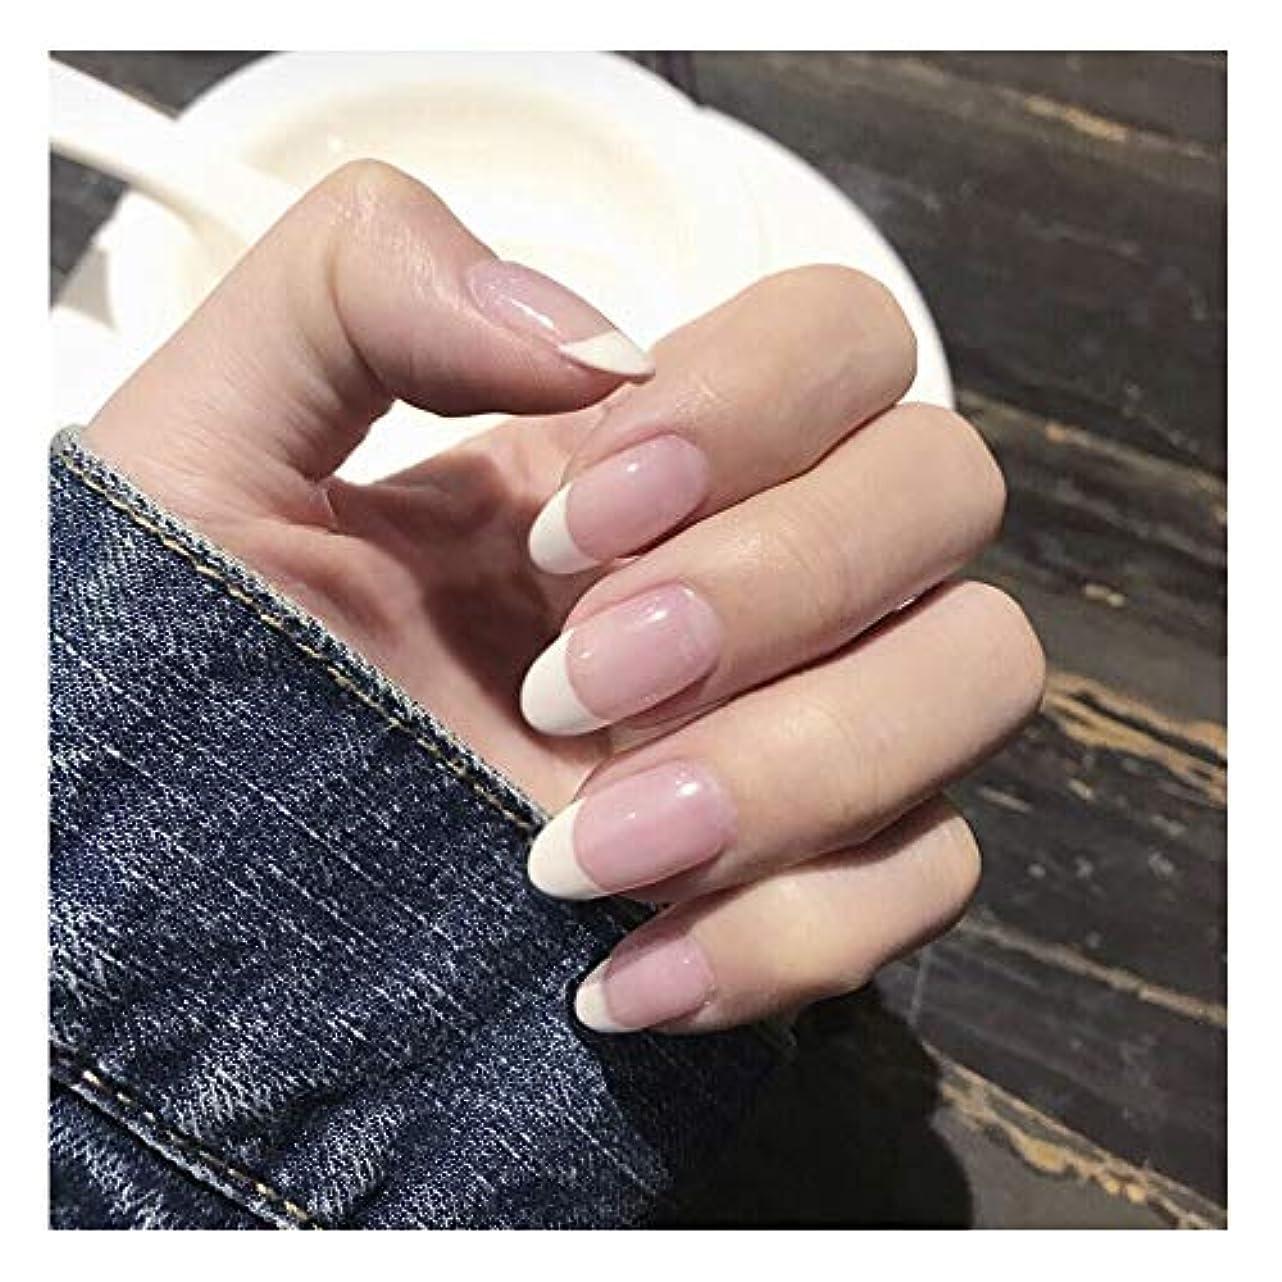 乳白色帽子優れたHOHYLLYA 透明ピンク+ホワイト下部偽爪ロングネイルズグルー完成ネイル偽爪を指摘しました (色 : 24 pieces)